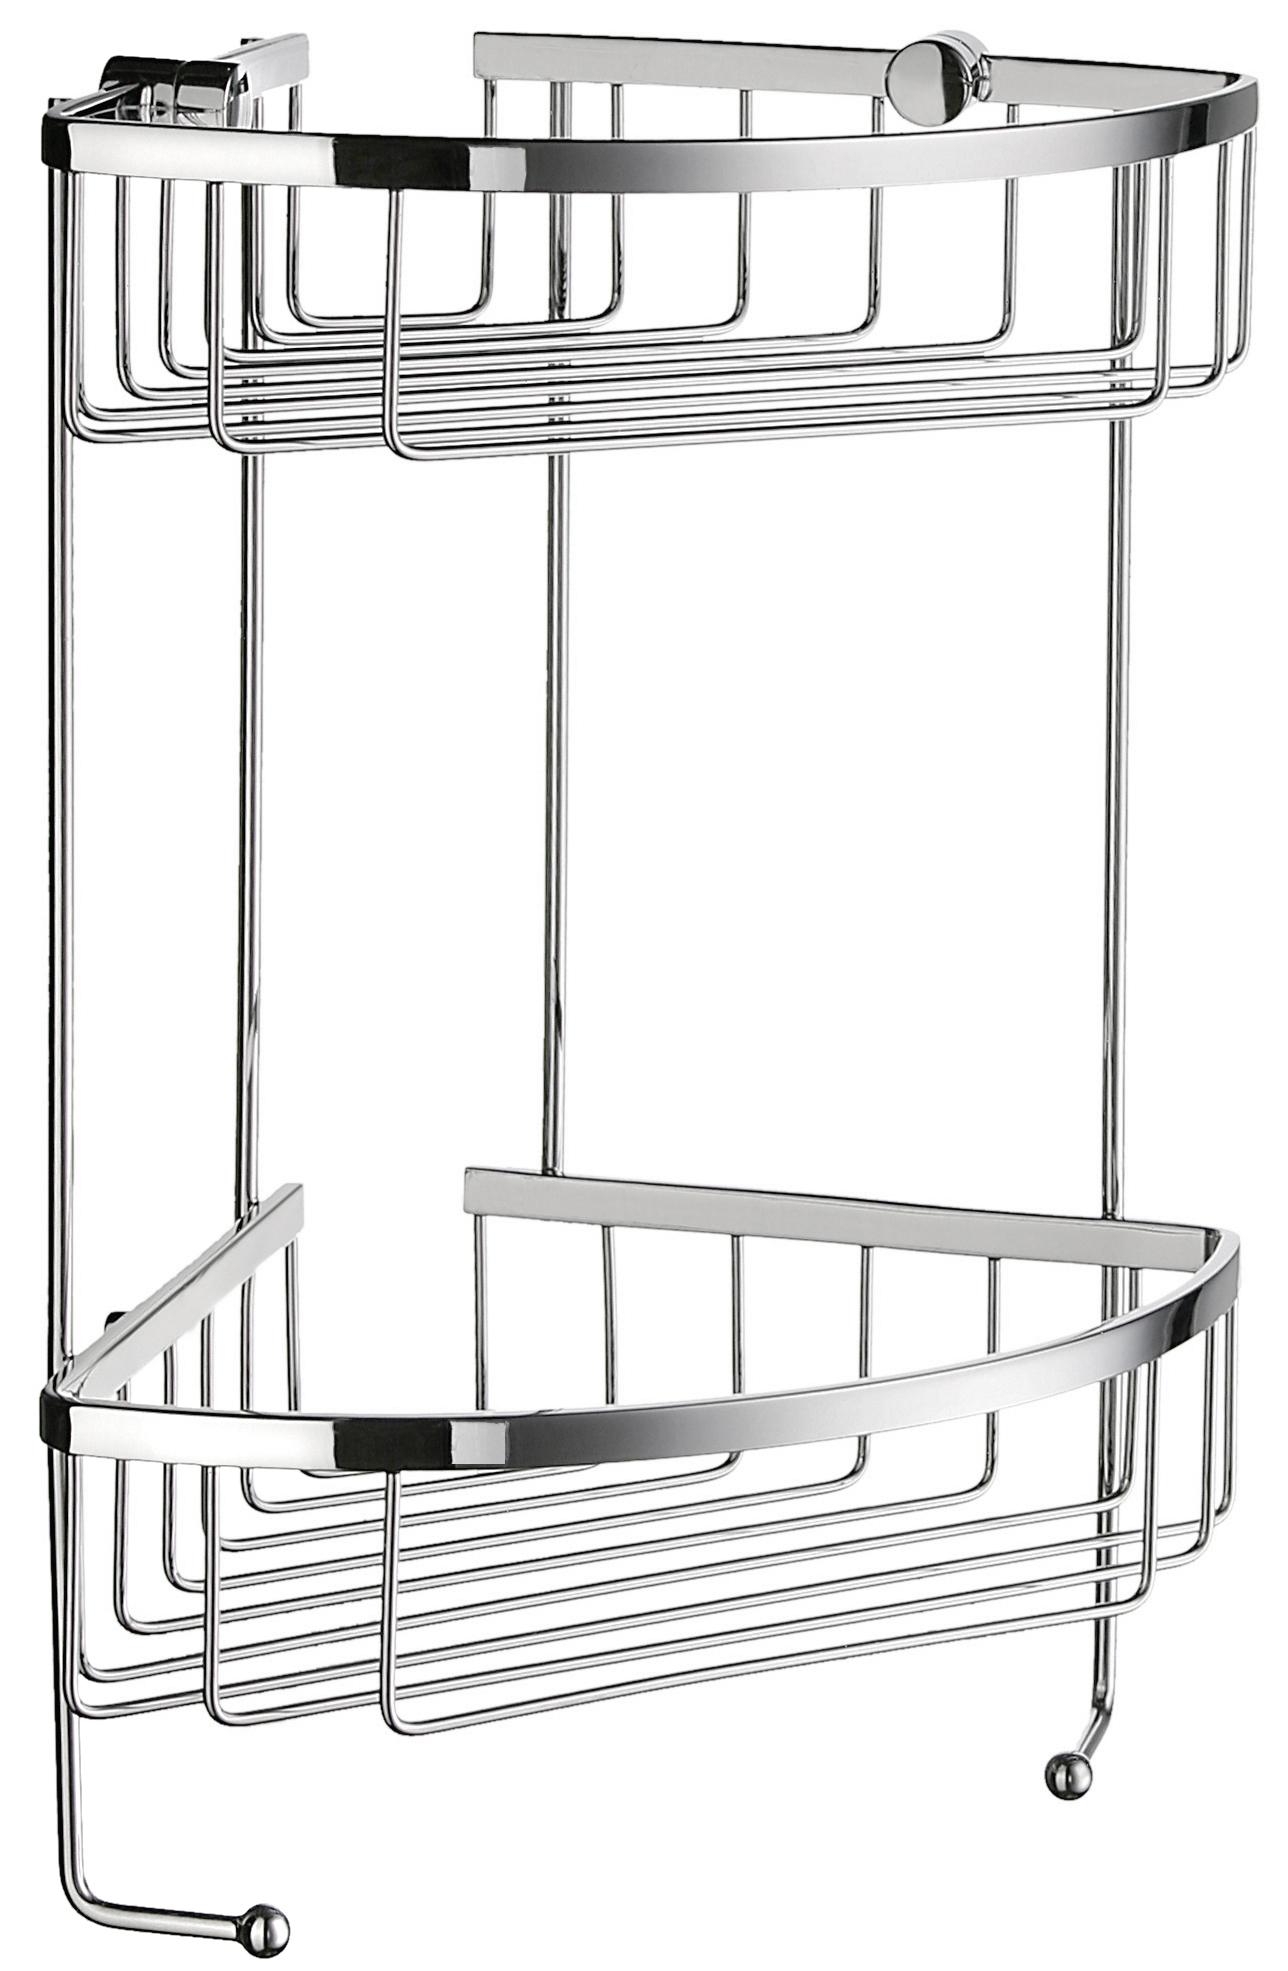 SMEDBO Sideline Design Duschkorb, doppelt